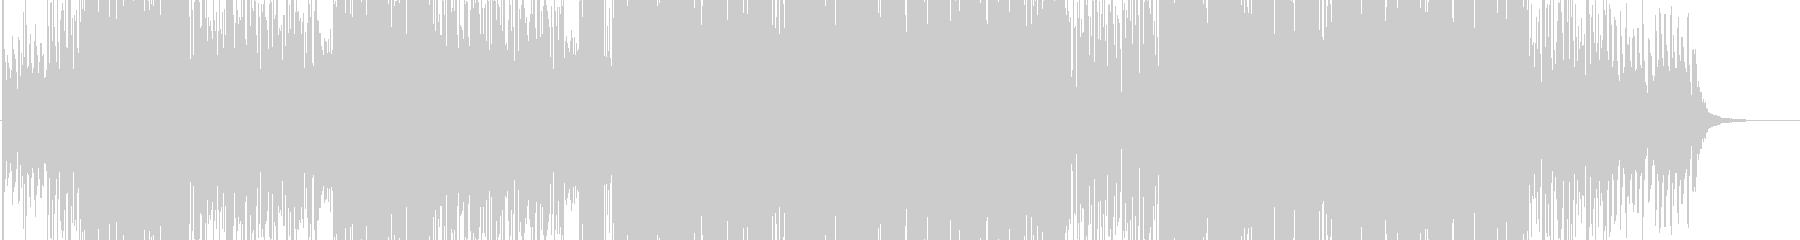 ラテン系歌モノの未再生の波形